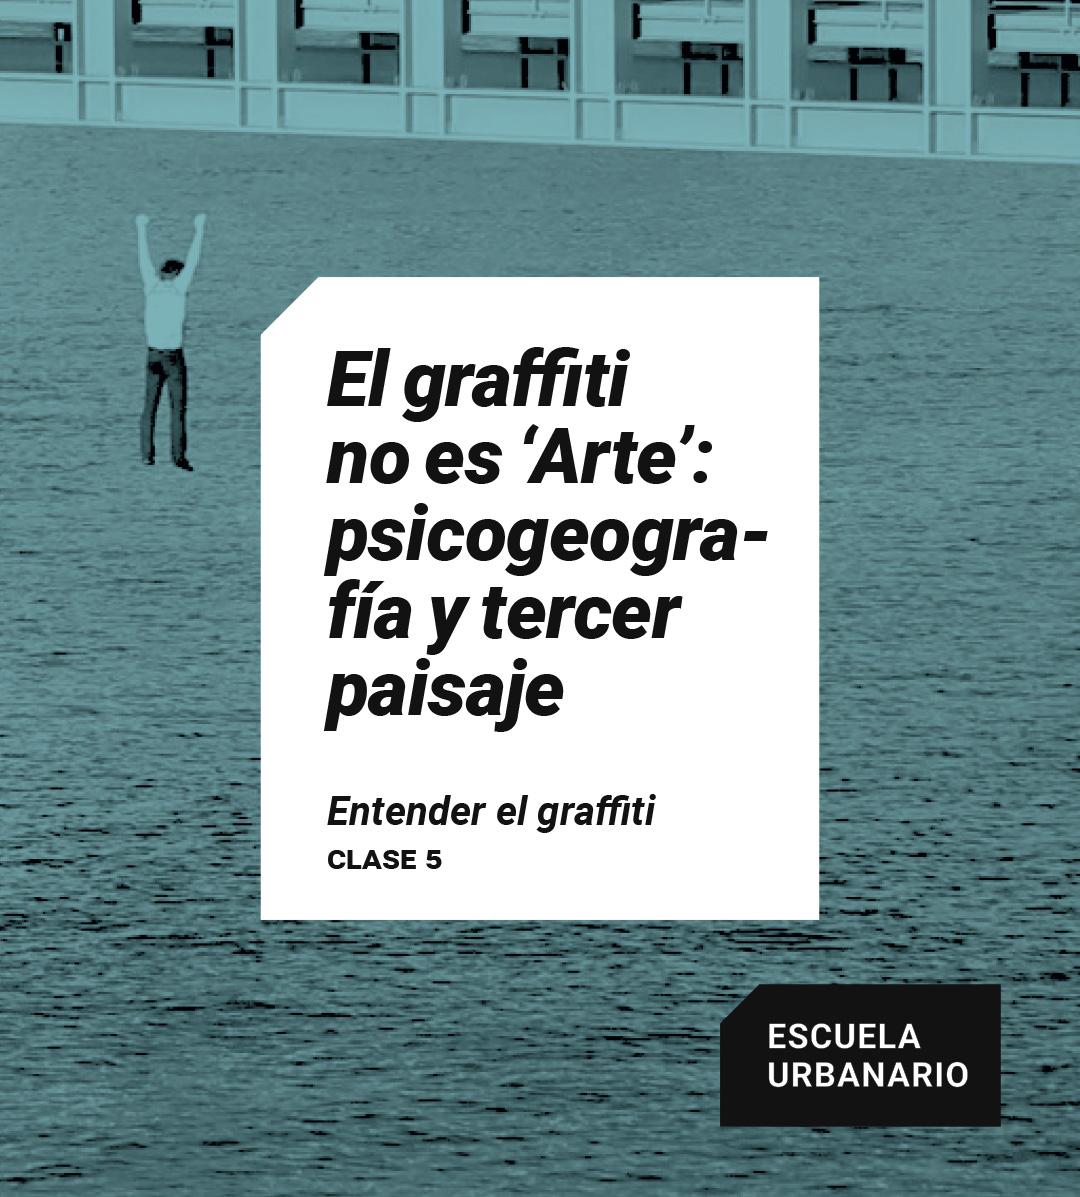 El graffiti no es Arte